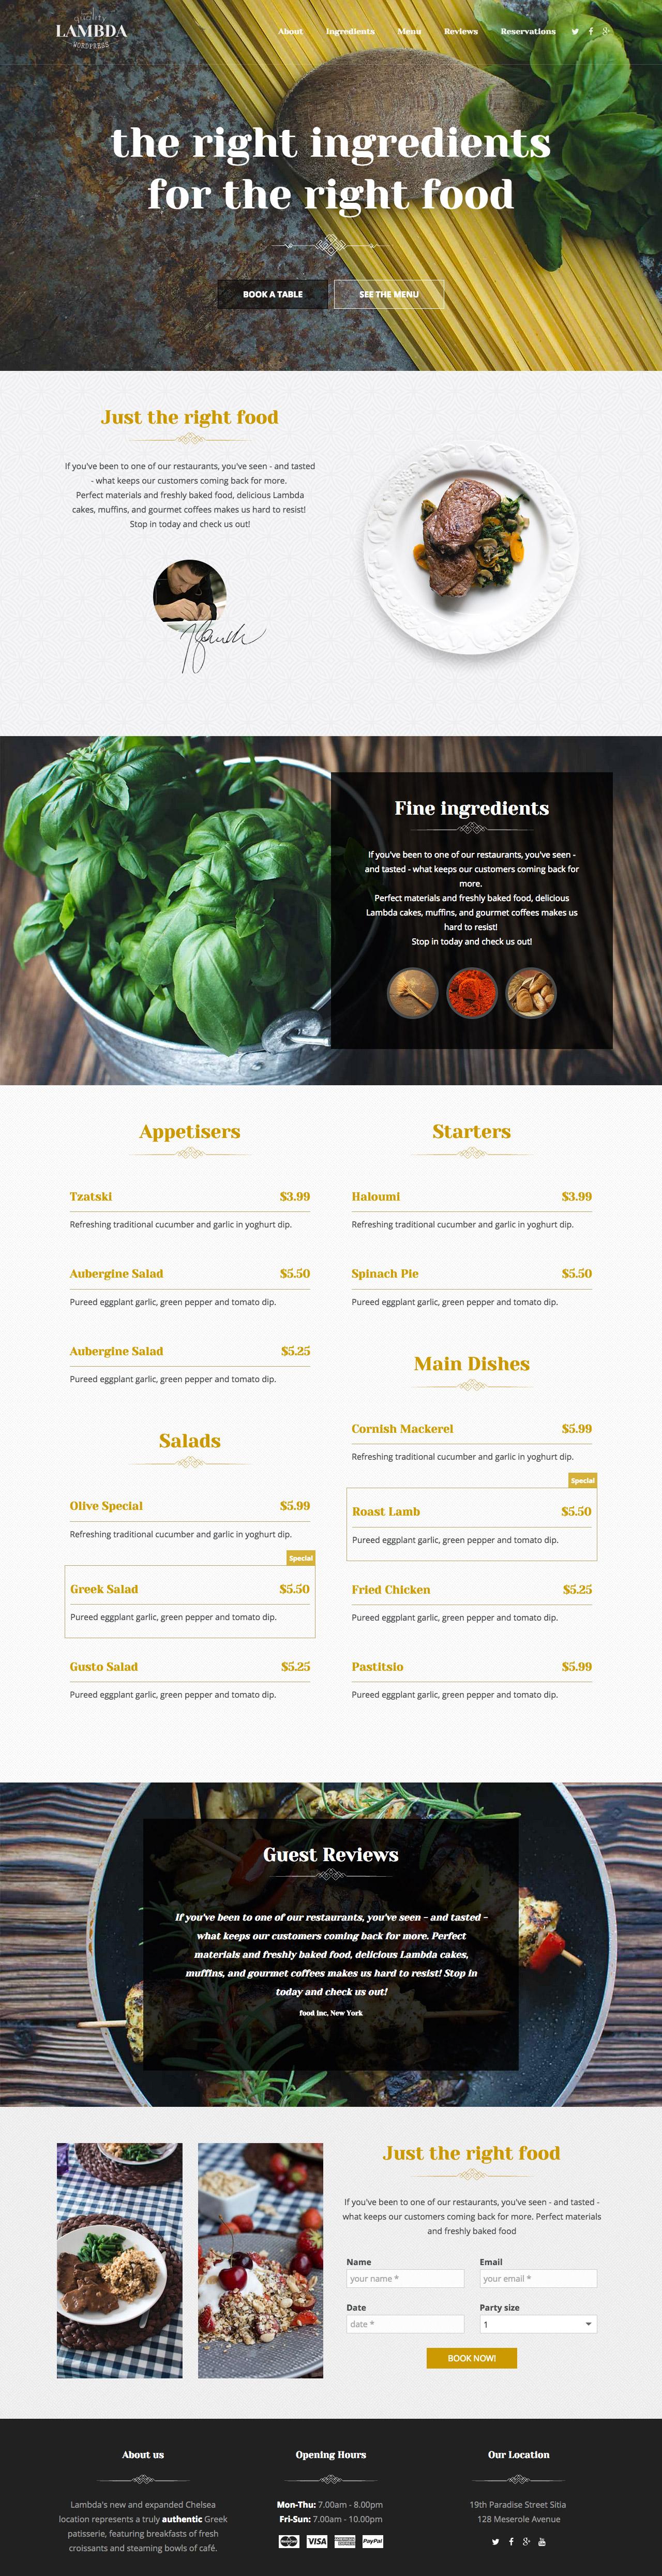 MH Restaurant Website Screenshot